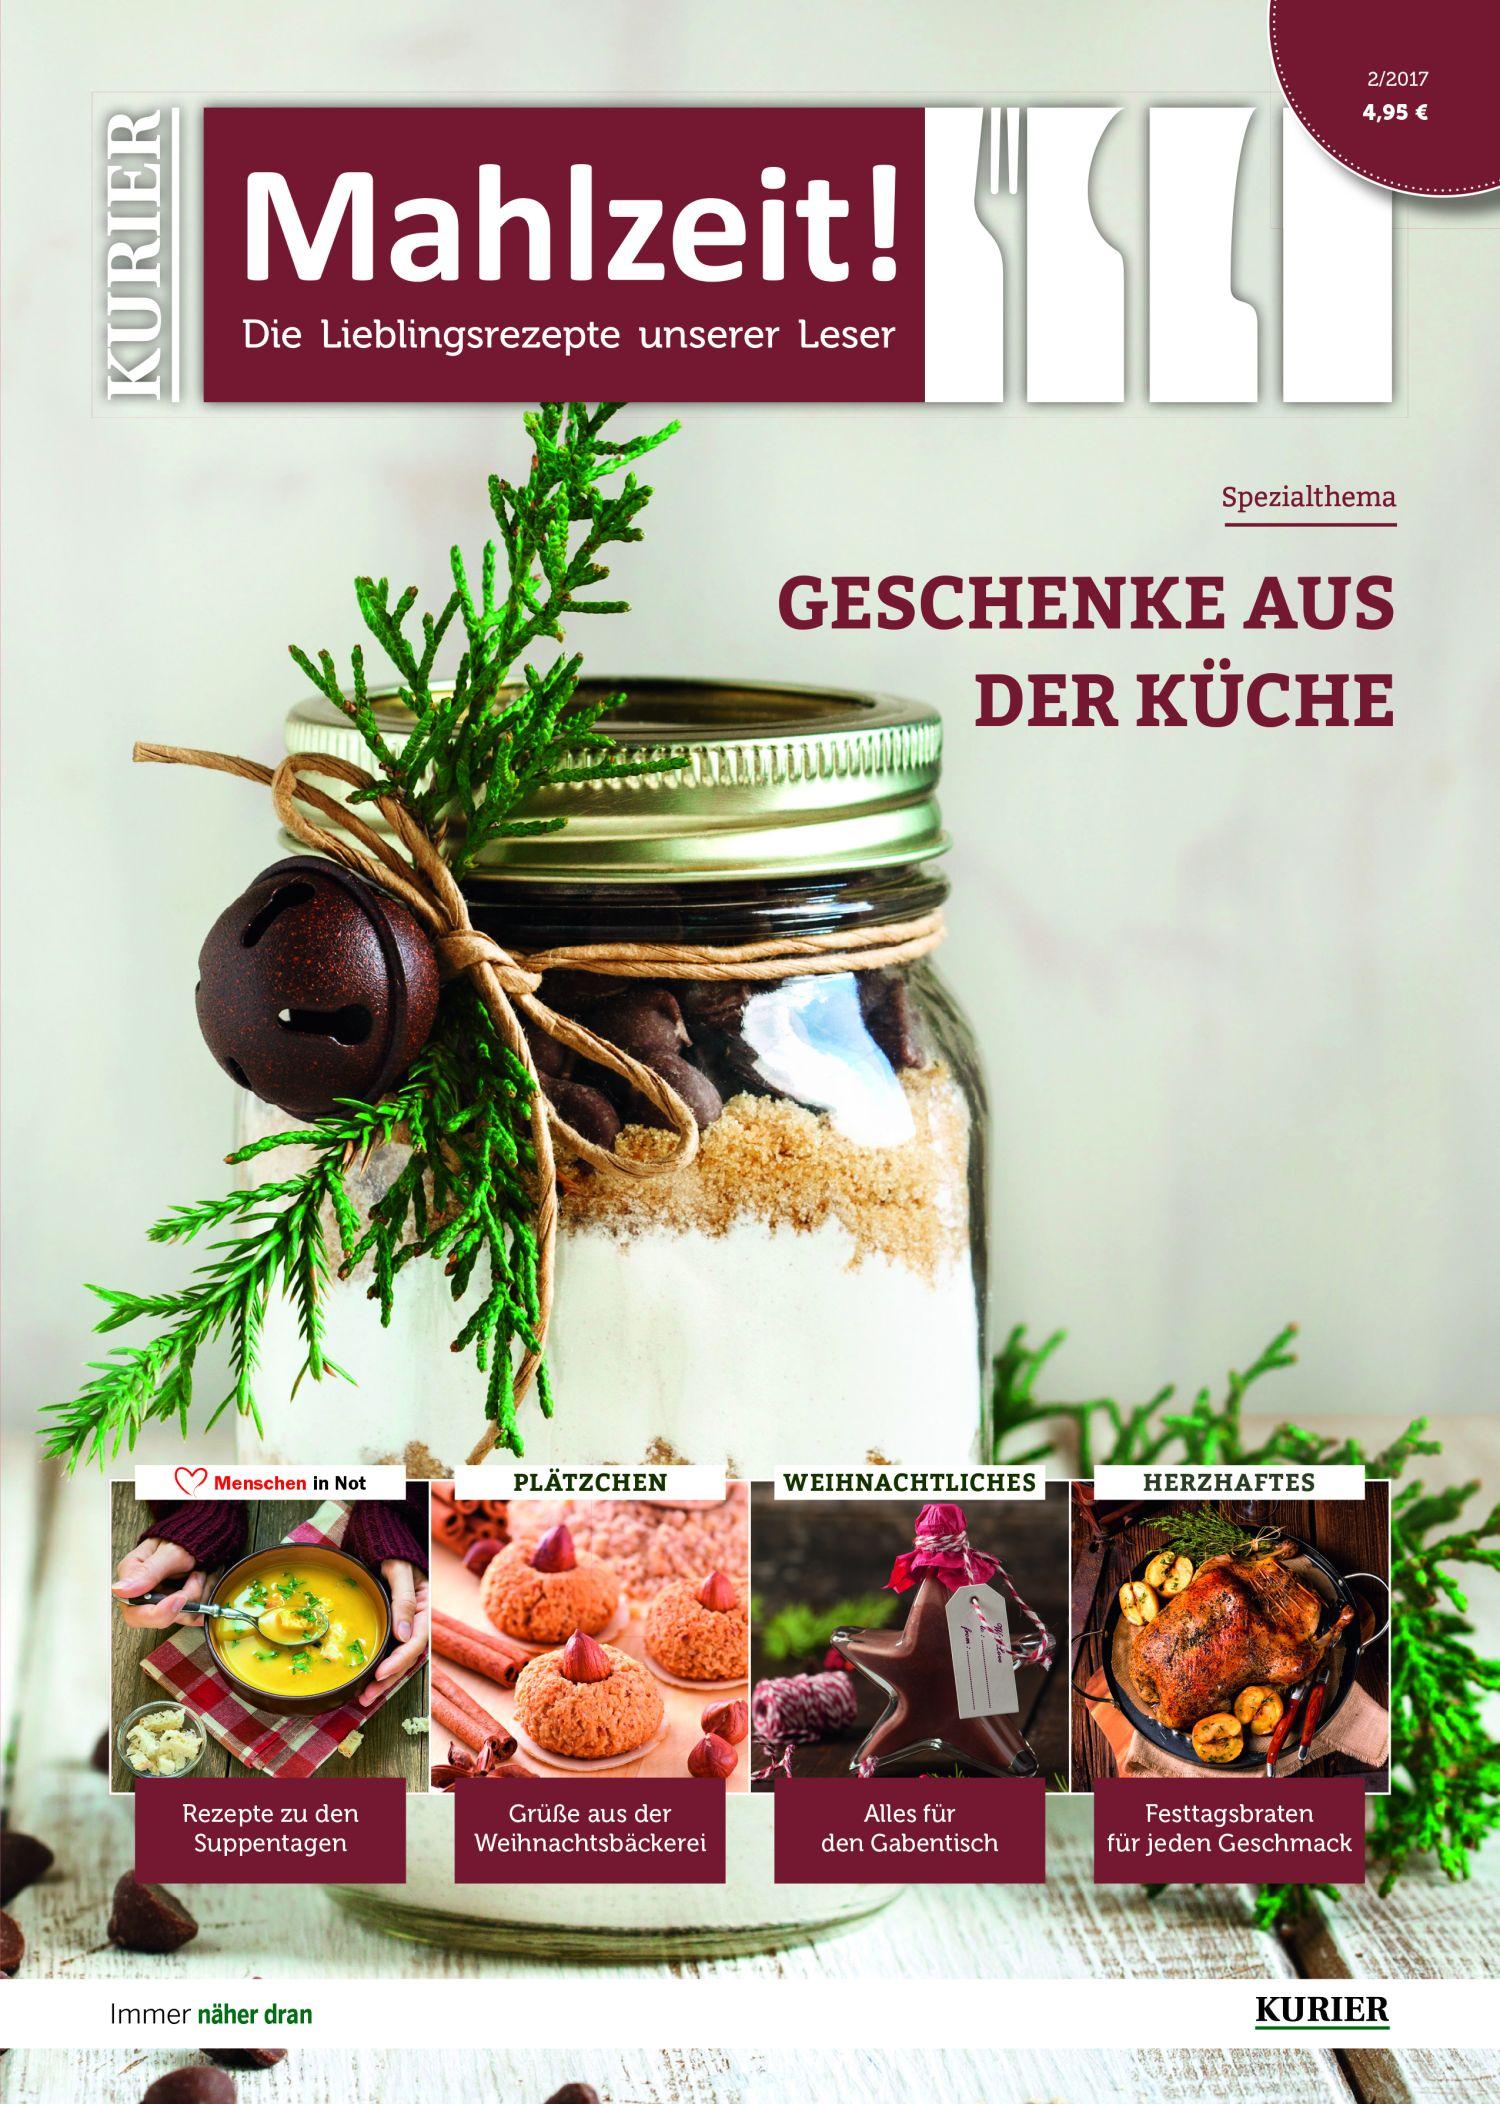 NBK Mahlzeit 2 Geschenke aus der Küche | Kochen und Backen | Lesershop